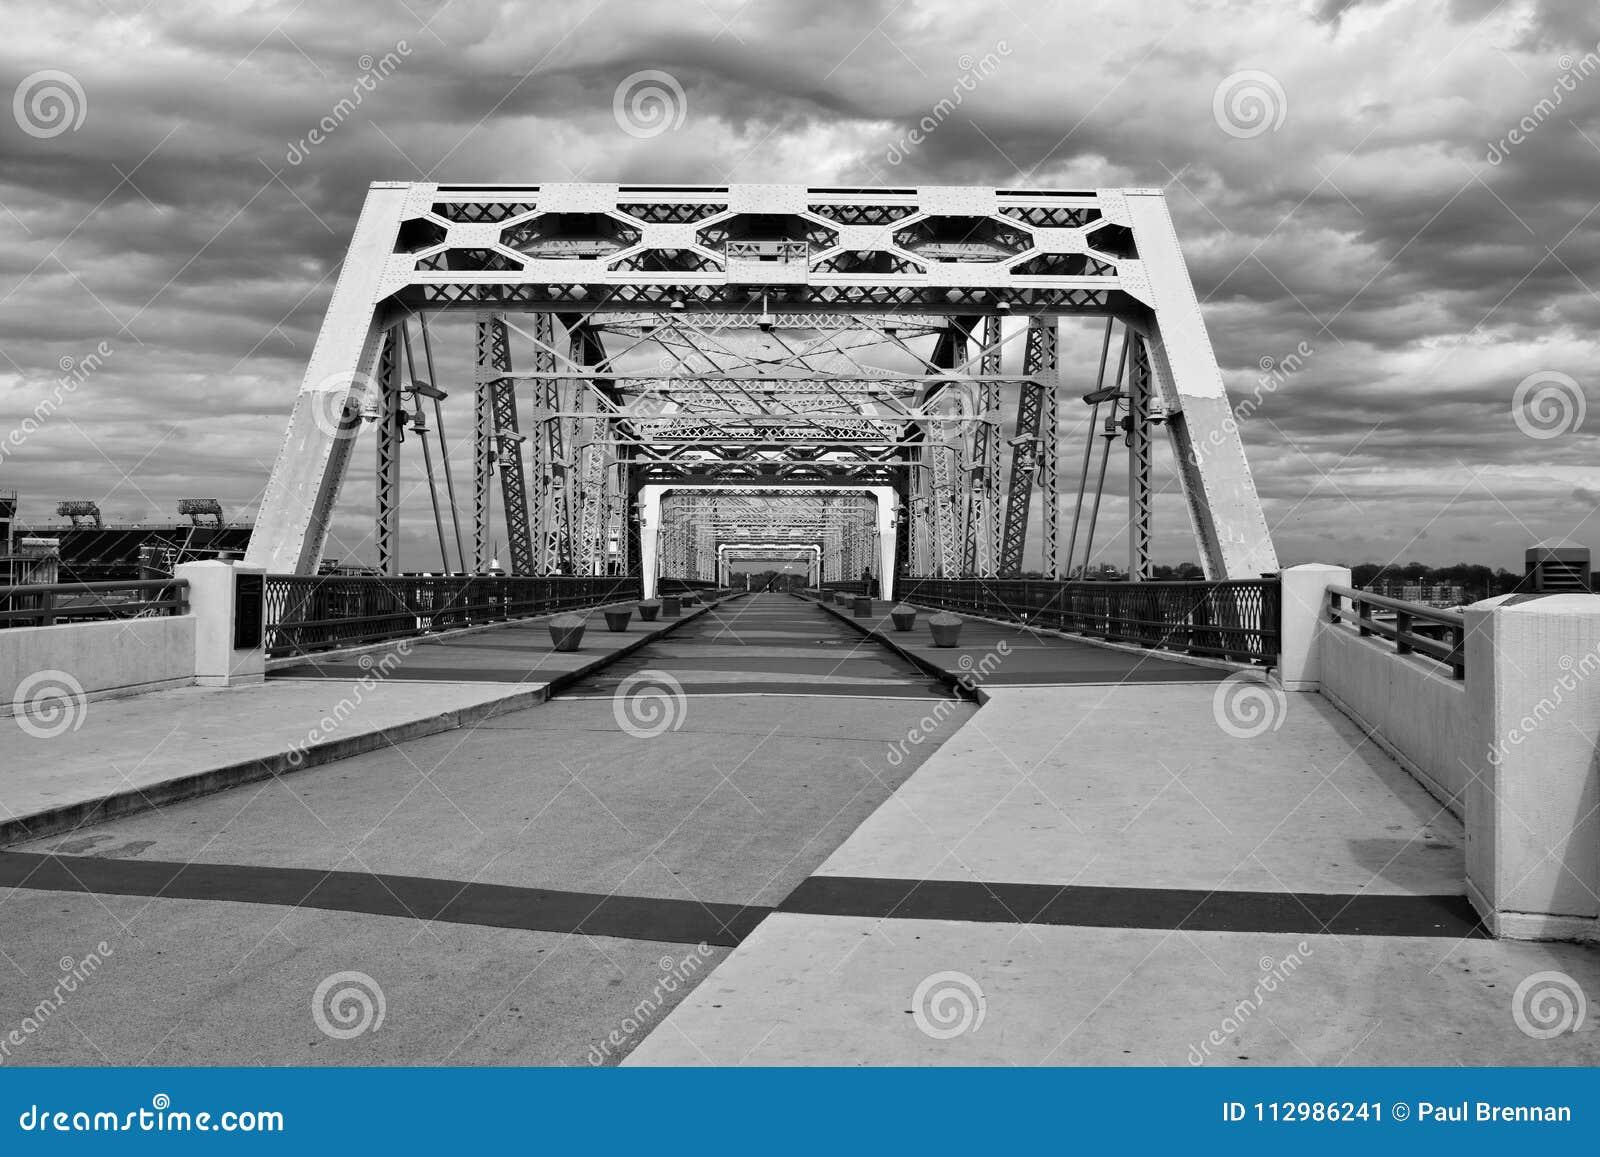 Shelby pedestrian bridge in Nashville